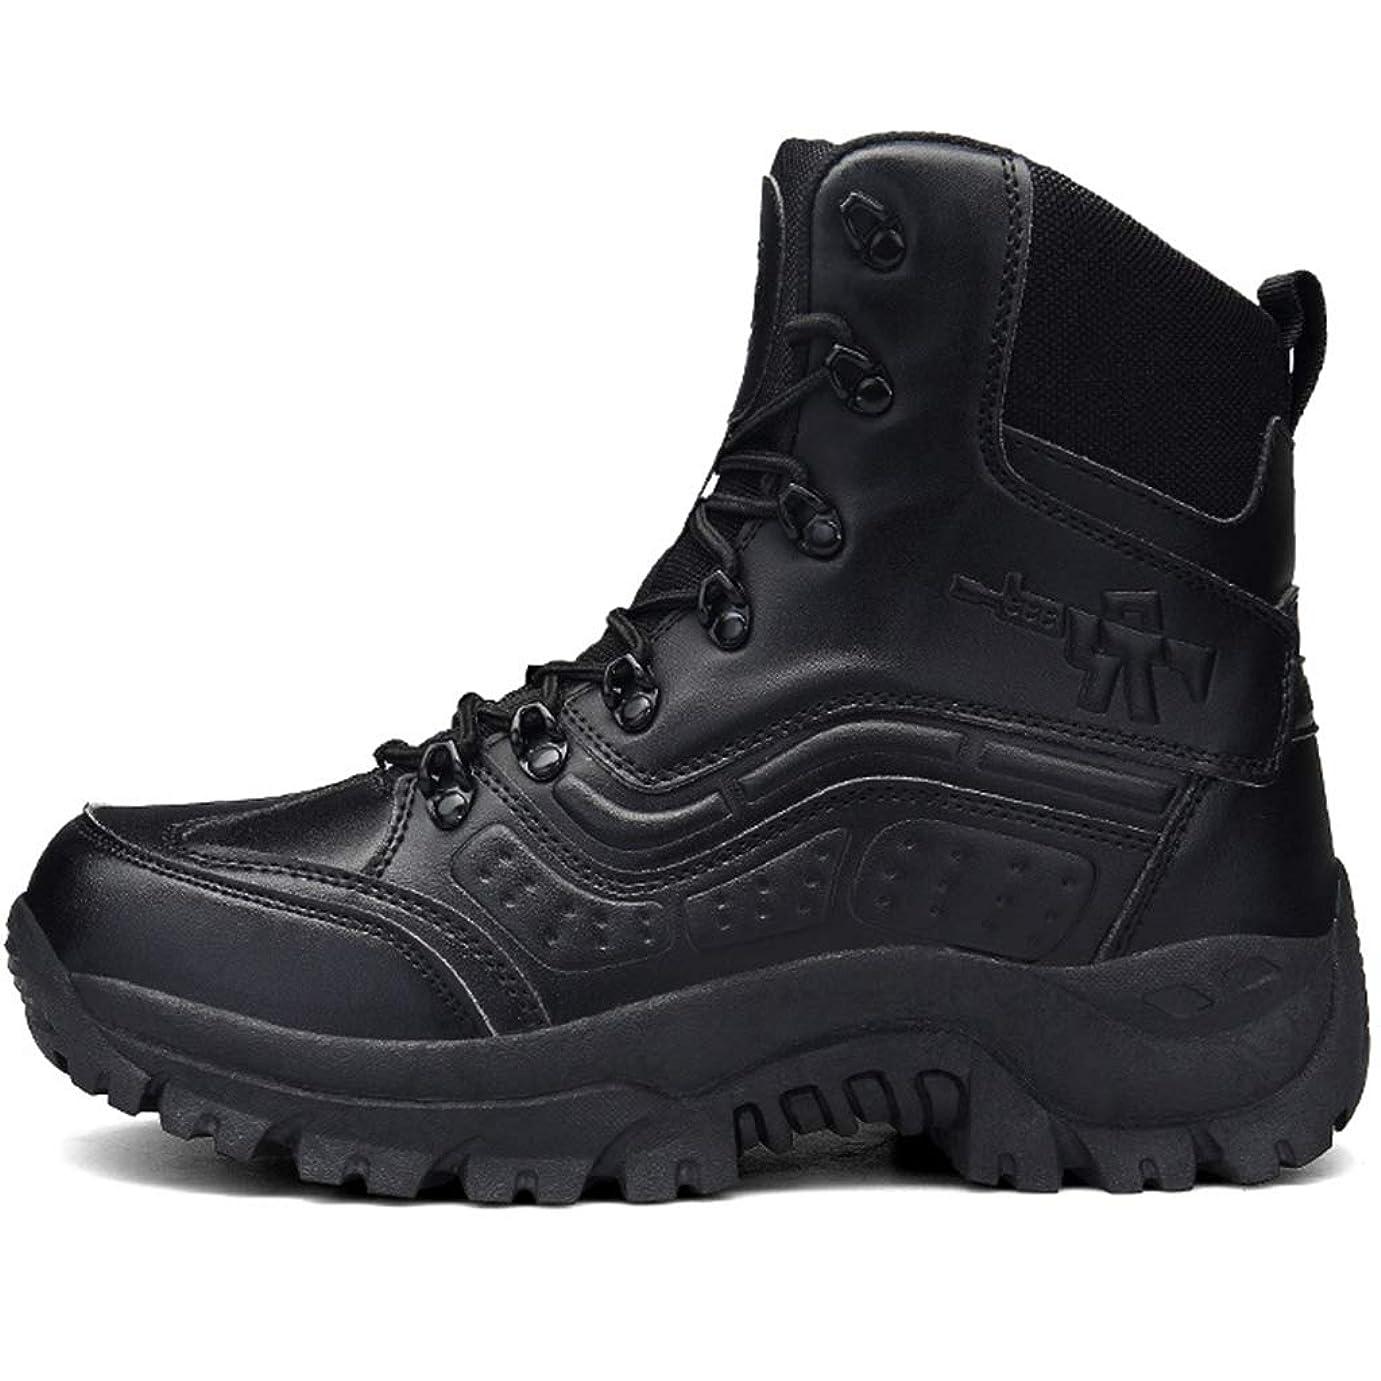 厳しい大砲メナジェリーメンズコンバットブーツ砂漠の軍事ブーツ特殊部隊戦術ブーツ軍の武装ブーツレースアップレザーブーツ警察安全ブーツ